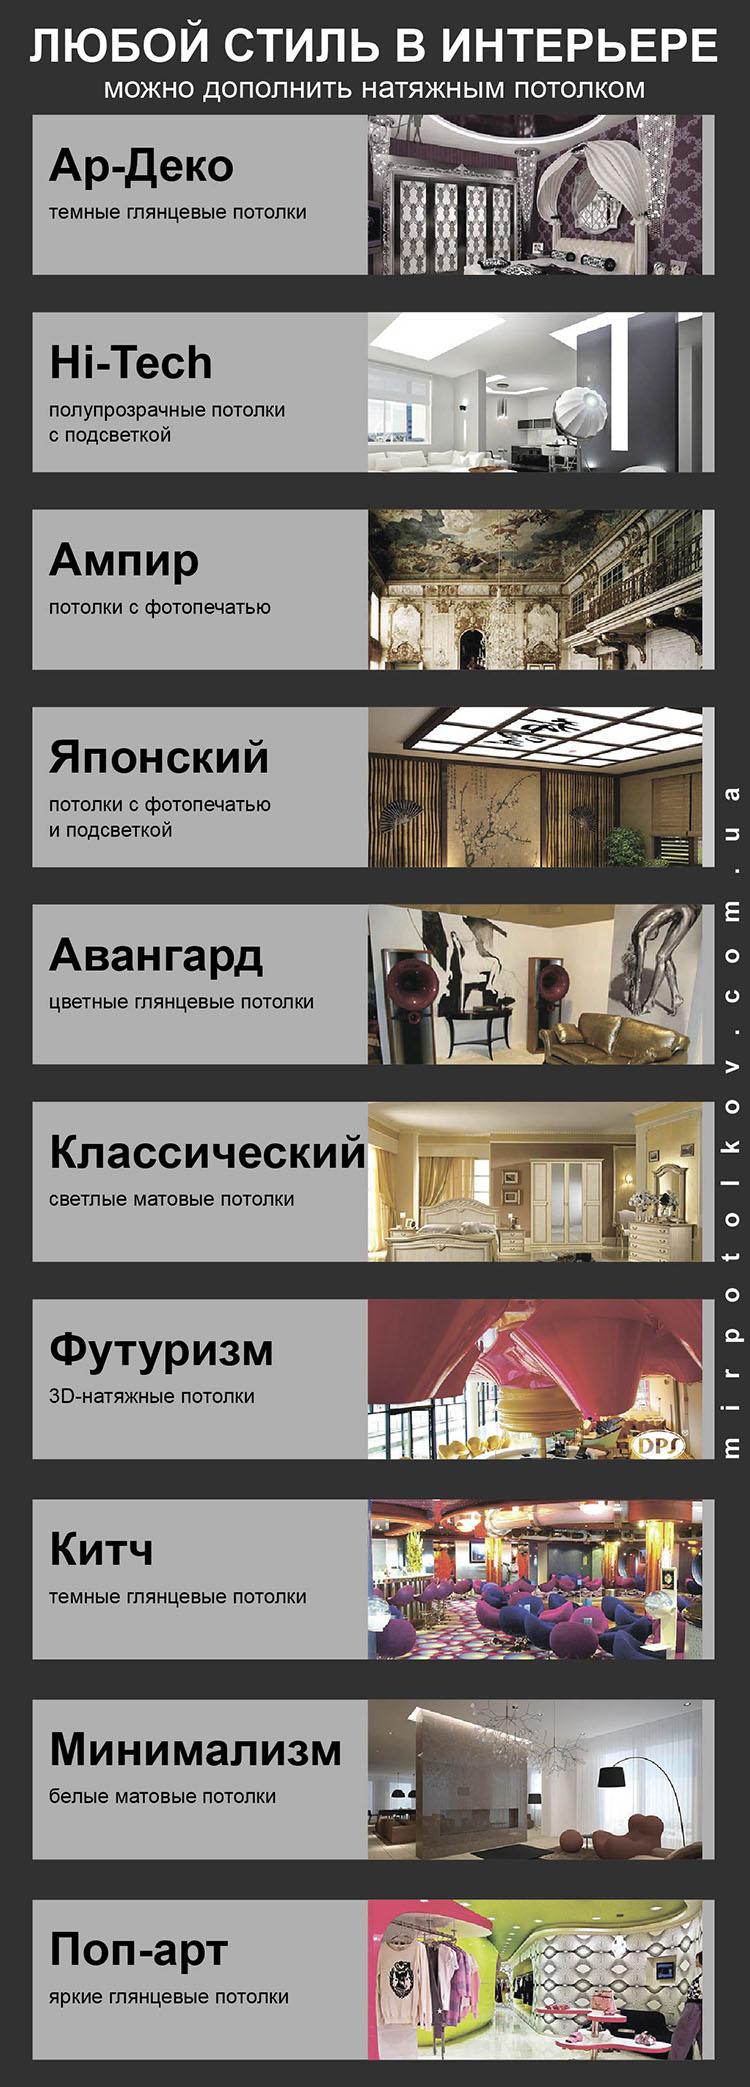 дизайна таблица интерьеров стилей